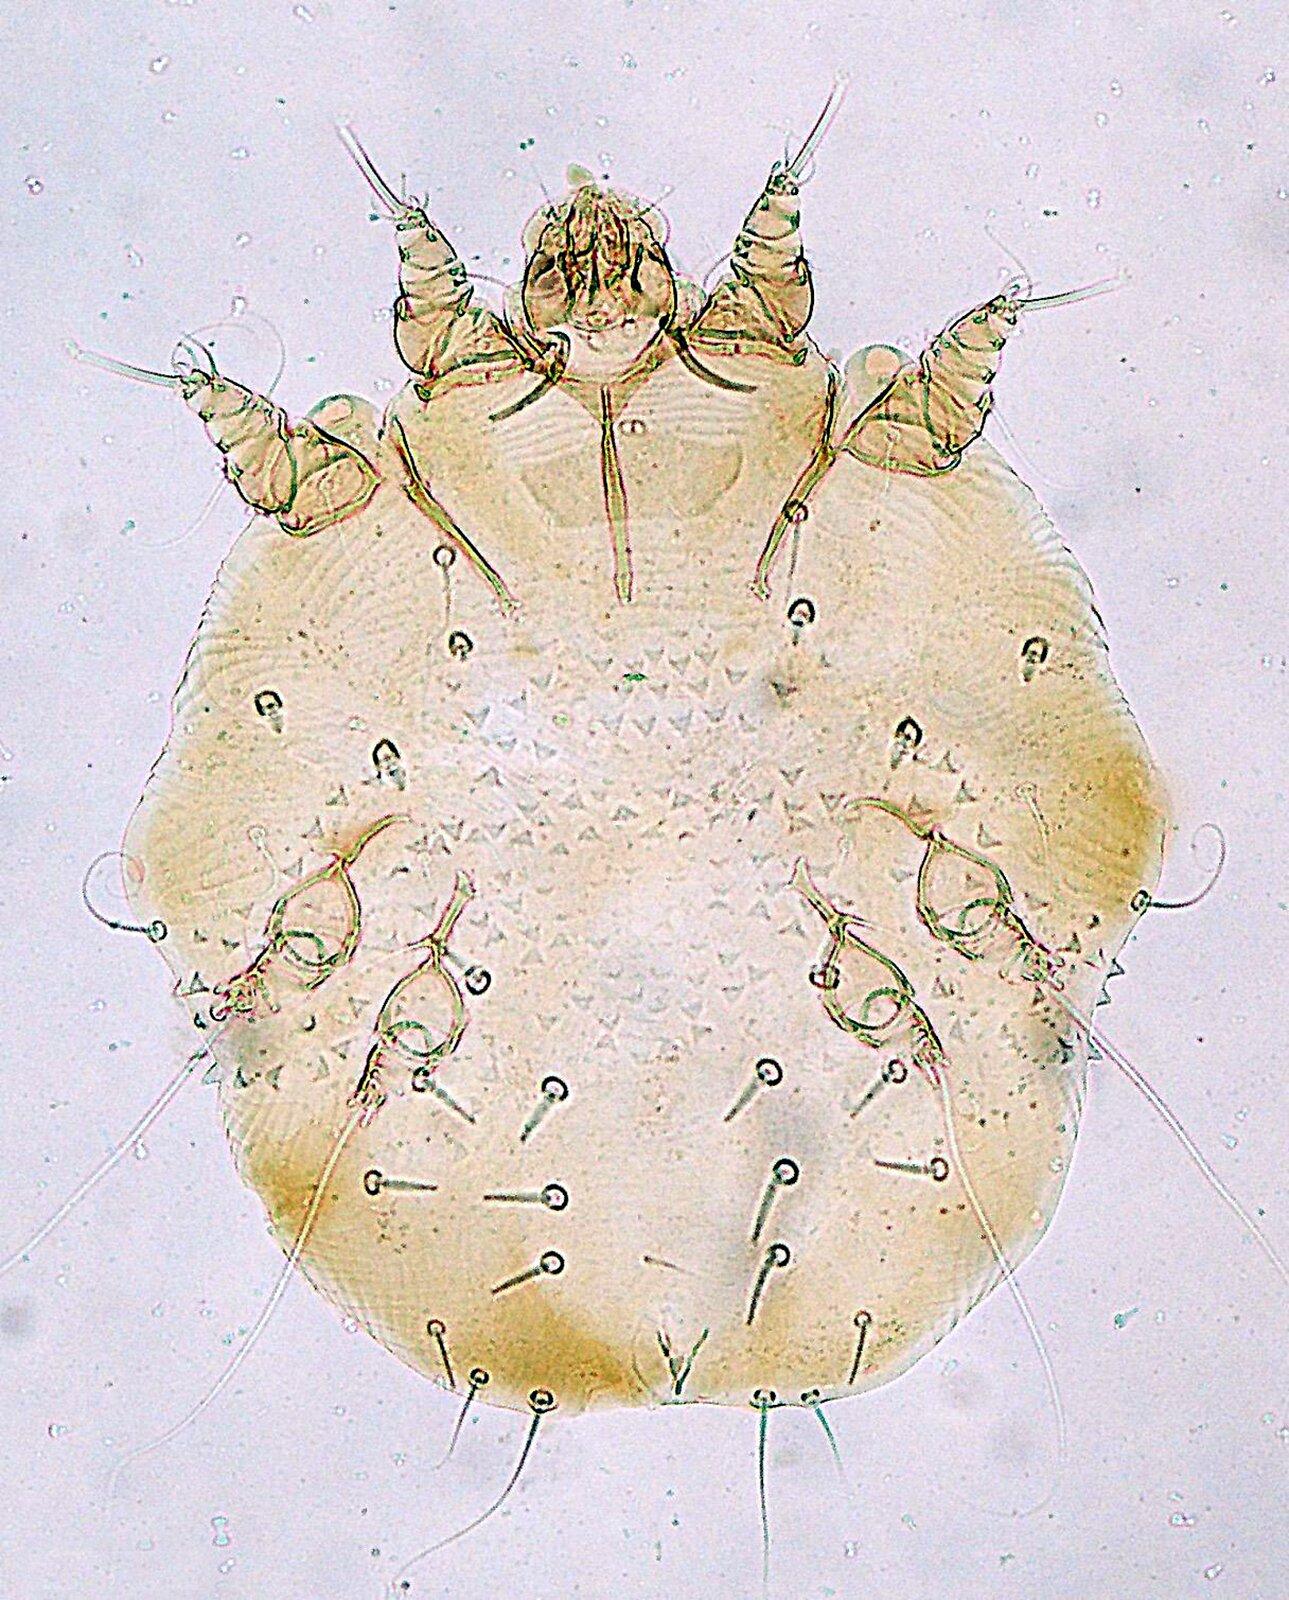 Fotografia mikroskopowa przedstawia okrągłego, beżowego świerzbowca. Ugóry wśrodku część głowowa zczarnymi liniami. Po jej obu stronach po dwa stożkowate, segmentowane odnóża. Na ciele rzadkie, sterczące włoski oraz cztery niewielkie kuliste odnóża zdługimi wyrostkami.